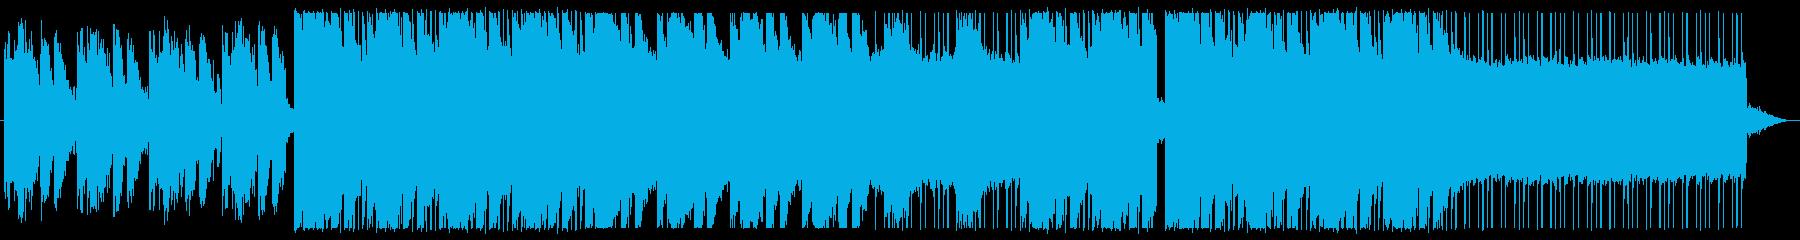 おしゃれでクールなチルアウトの再生済みの波形